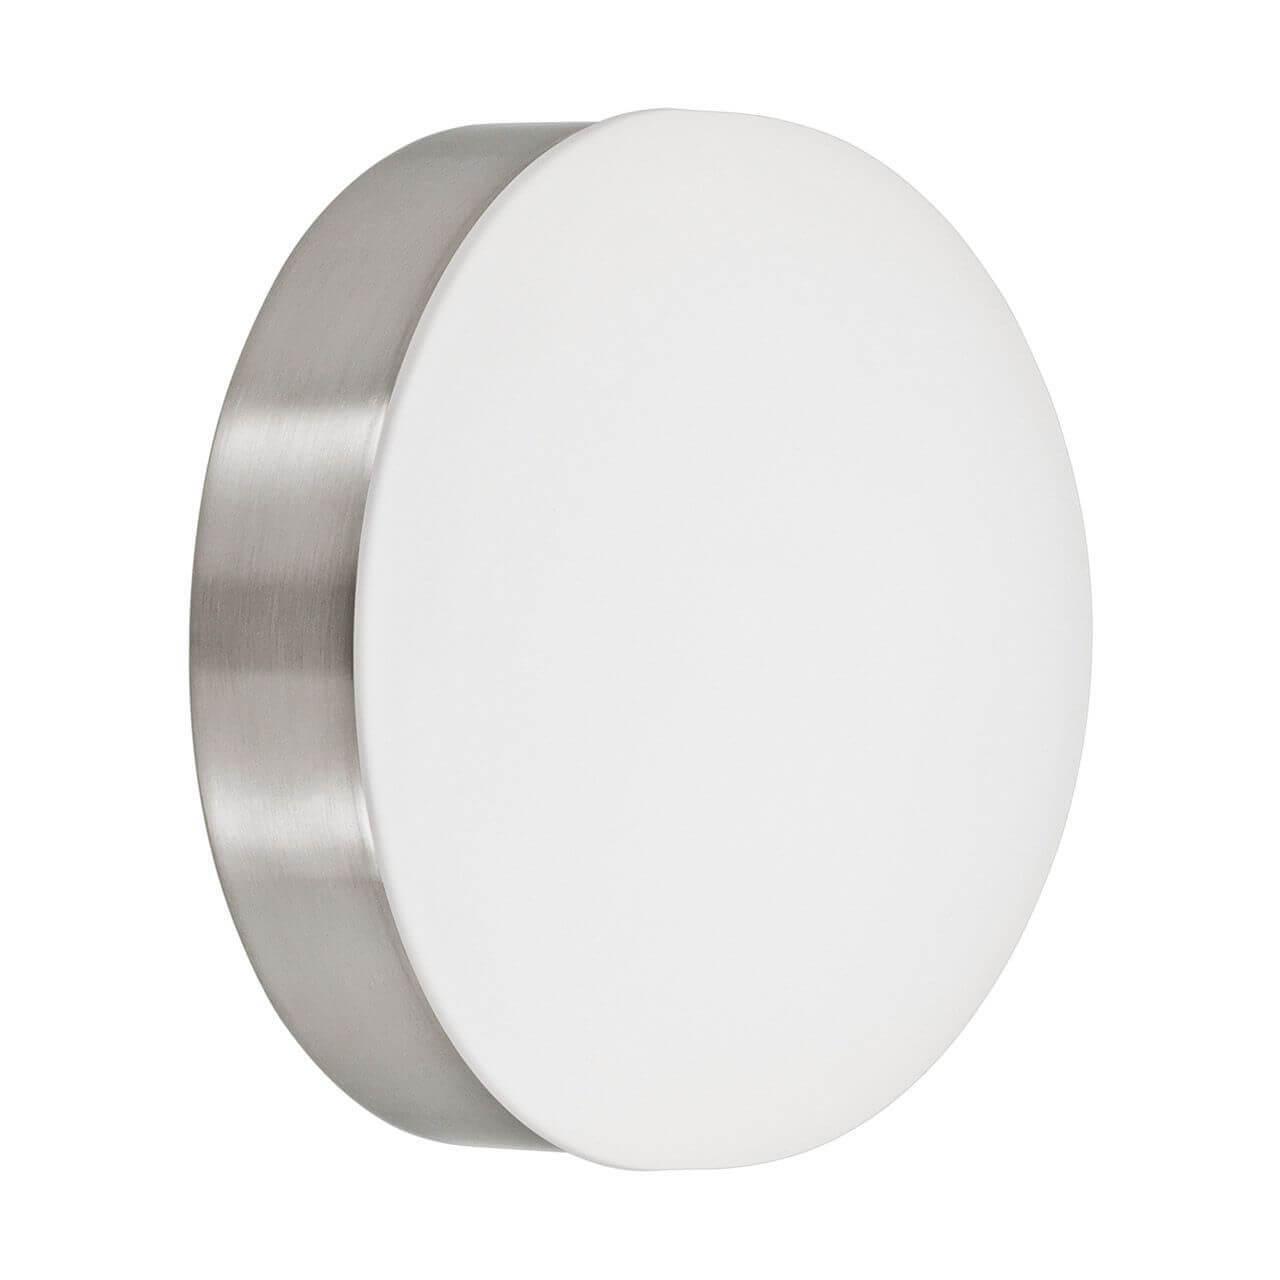 Светильник Eglo 96002 Cupella фото